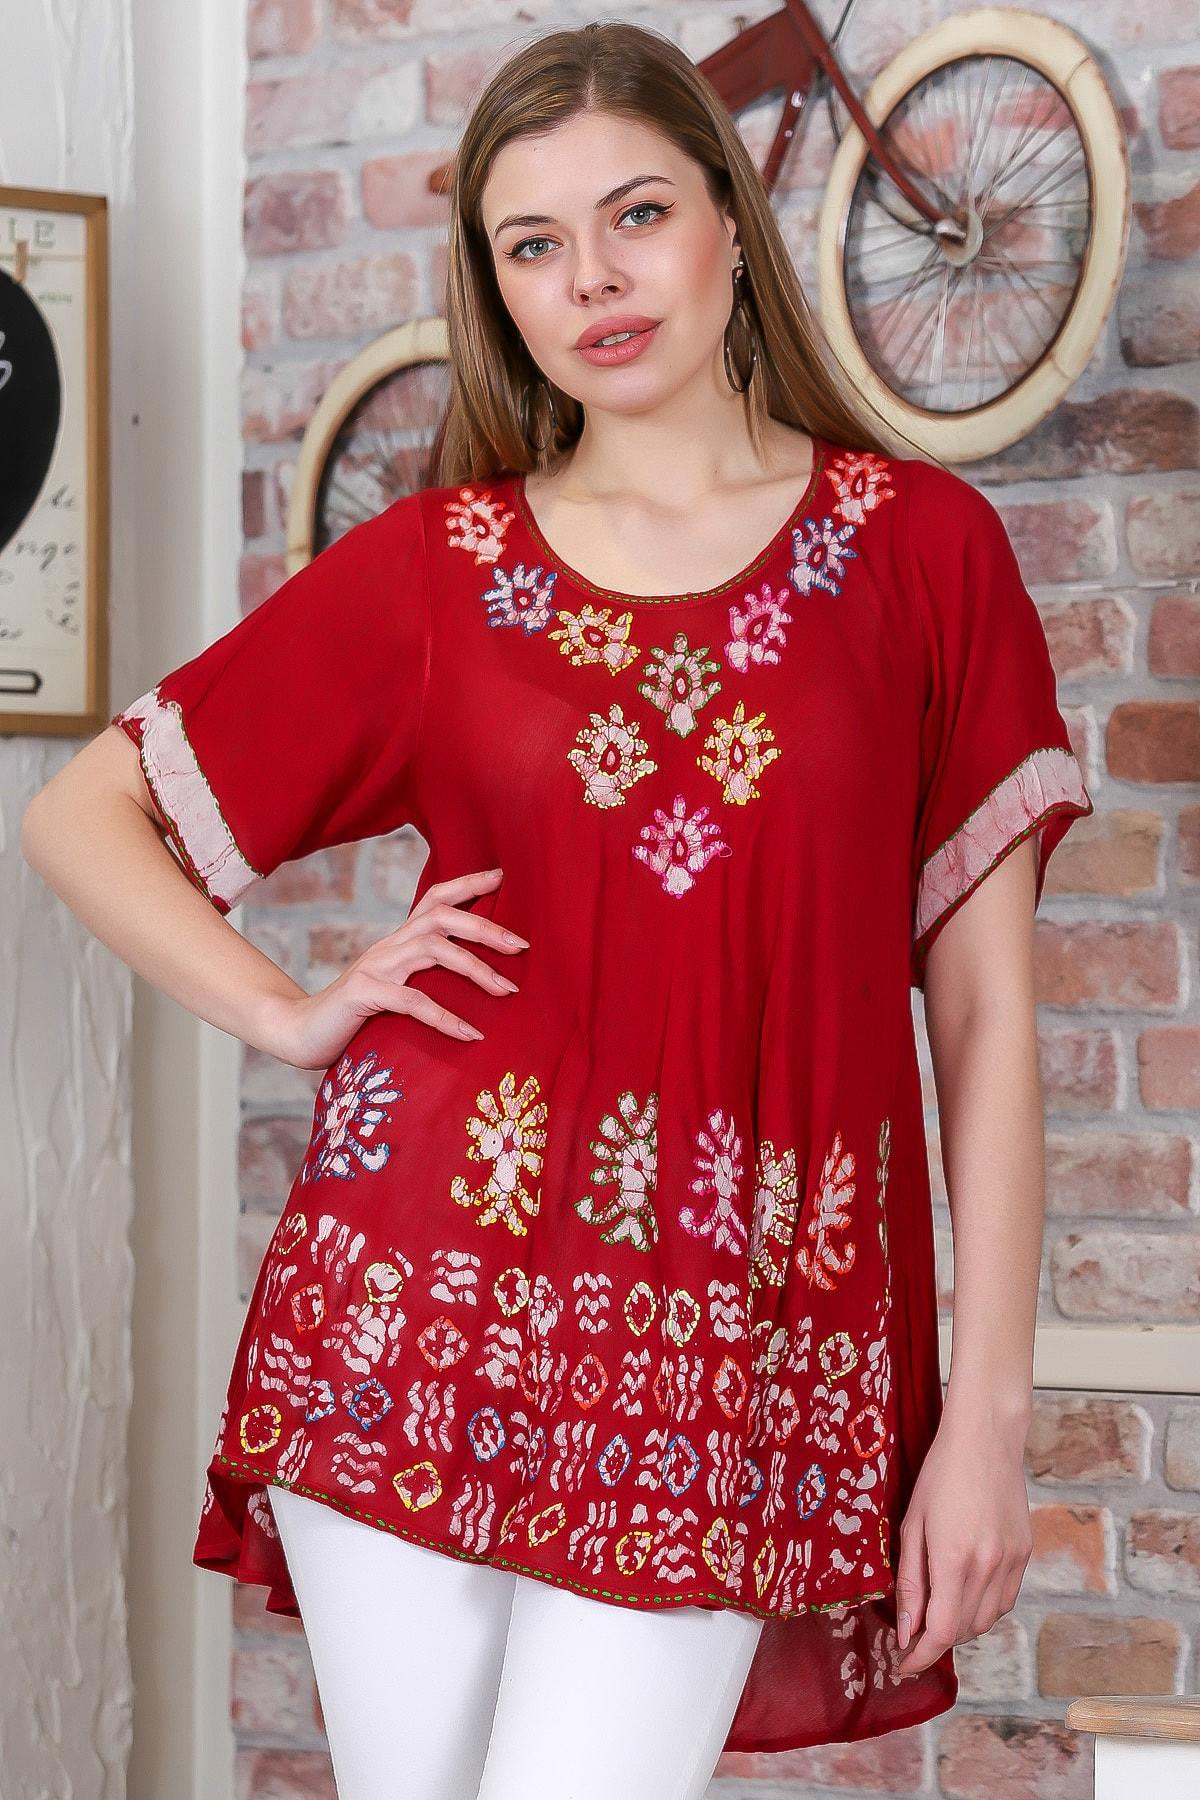 Chiccy Kadın Kırmızı Çiçek Baskılı Nakış Dikişli Kısa Kol Batik Salaş Dokuma Bluz M10010200BL95495 2